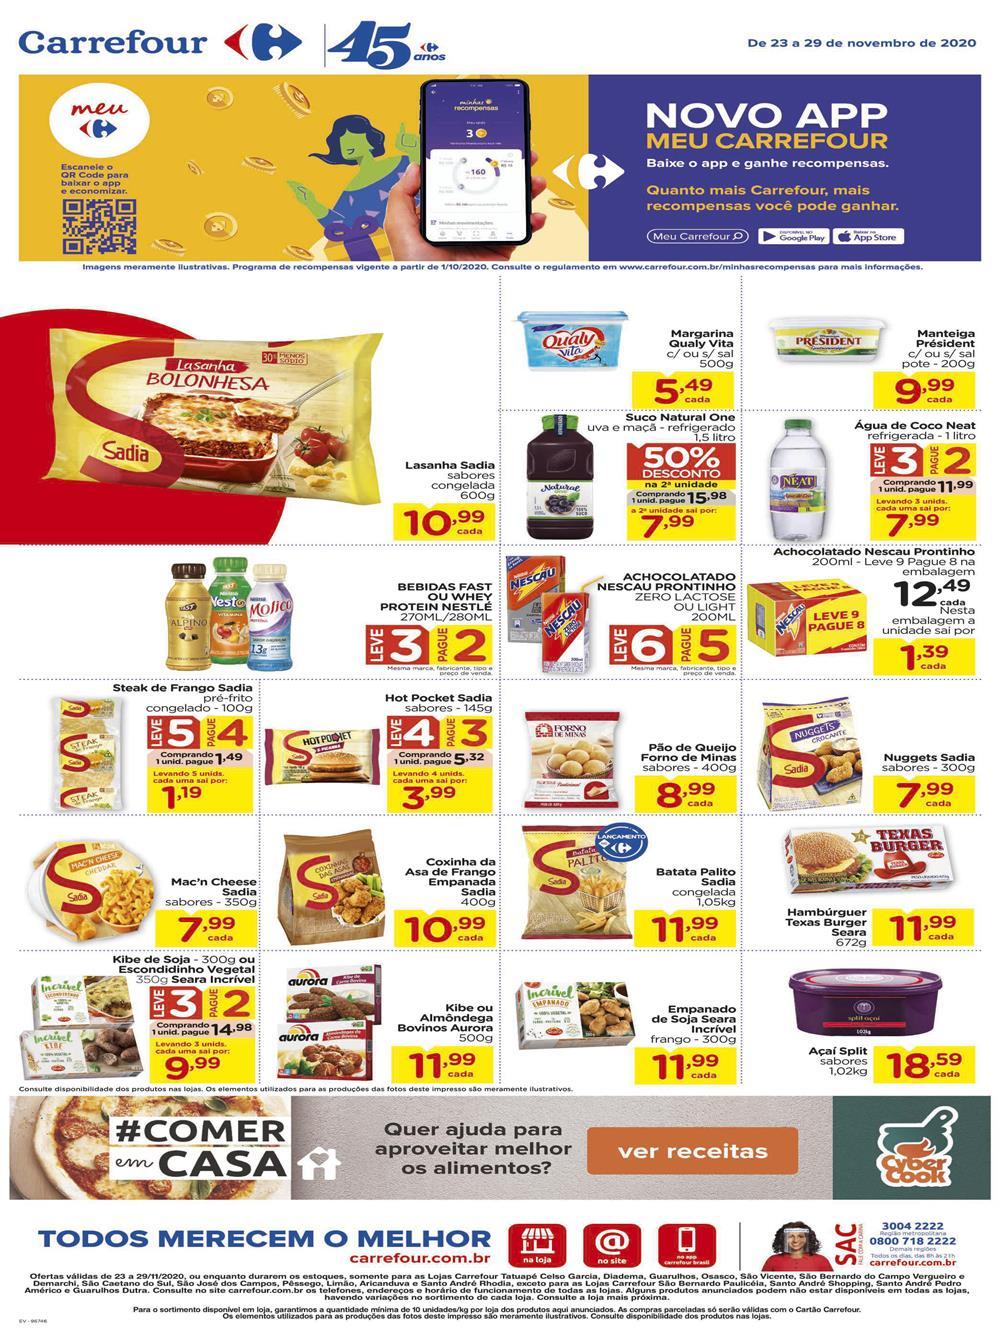 carrefour-ofertas-descontos-hoje6-5 Carrefour até 29/11